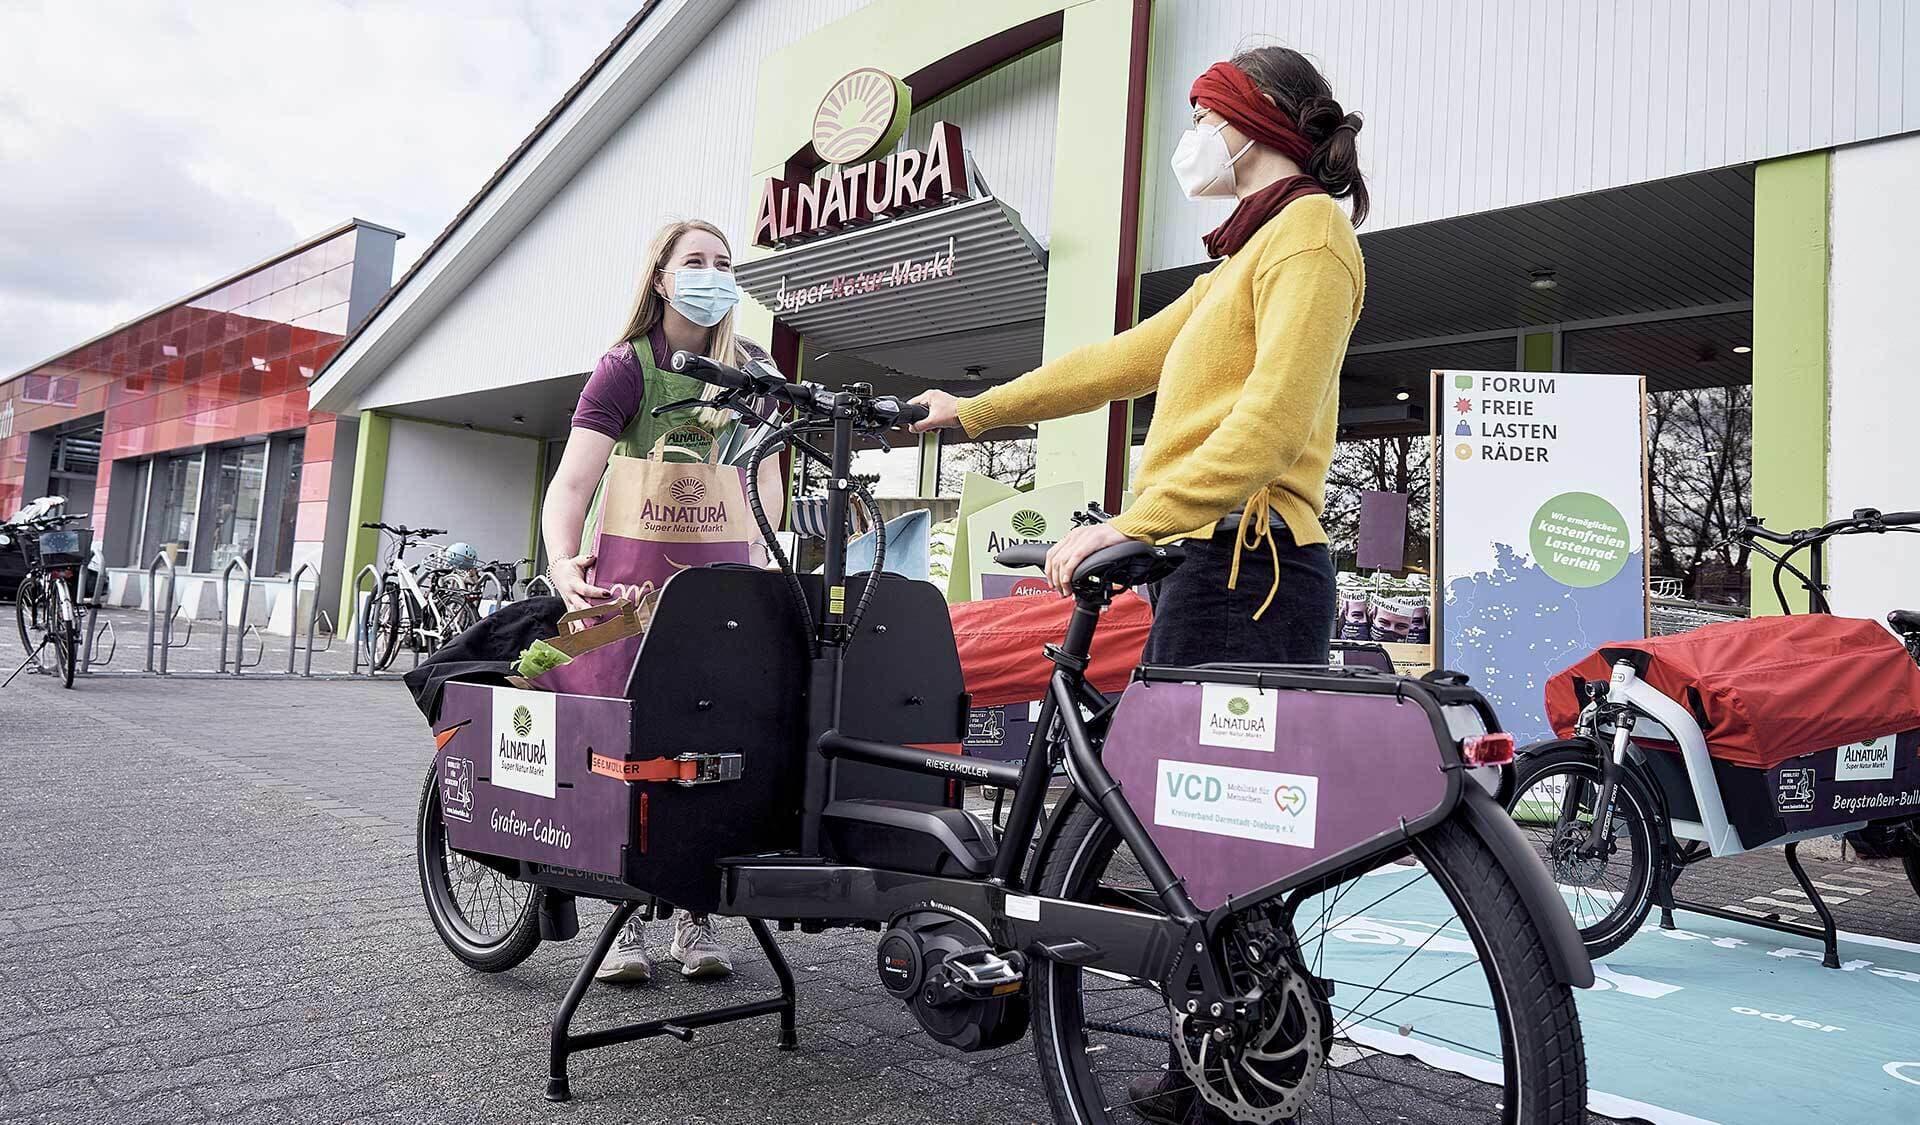 Zwei Frauen mit Lastenrad vor Alnatura Super Natur Markt